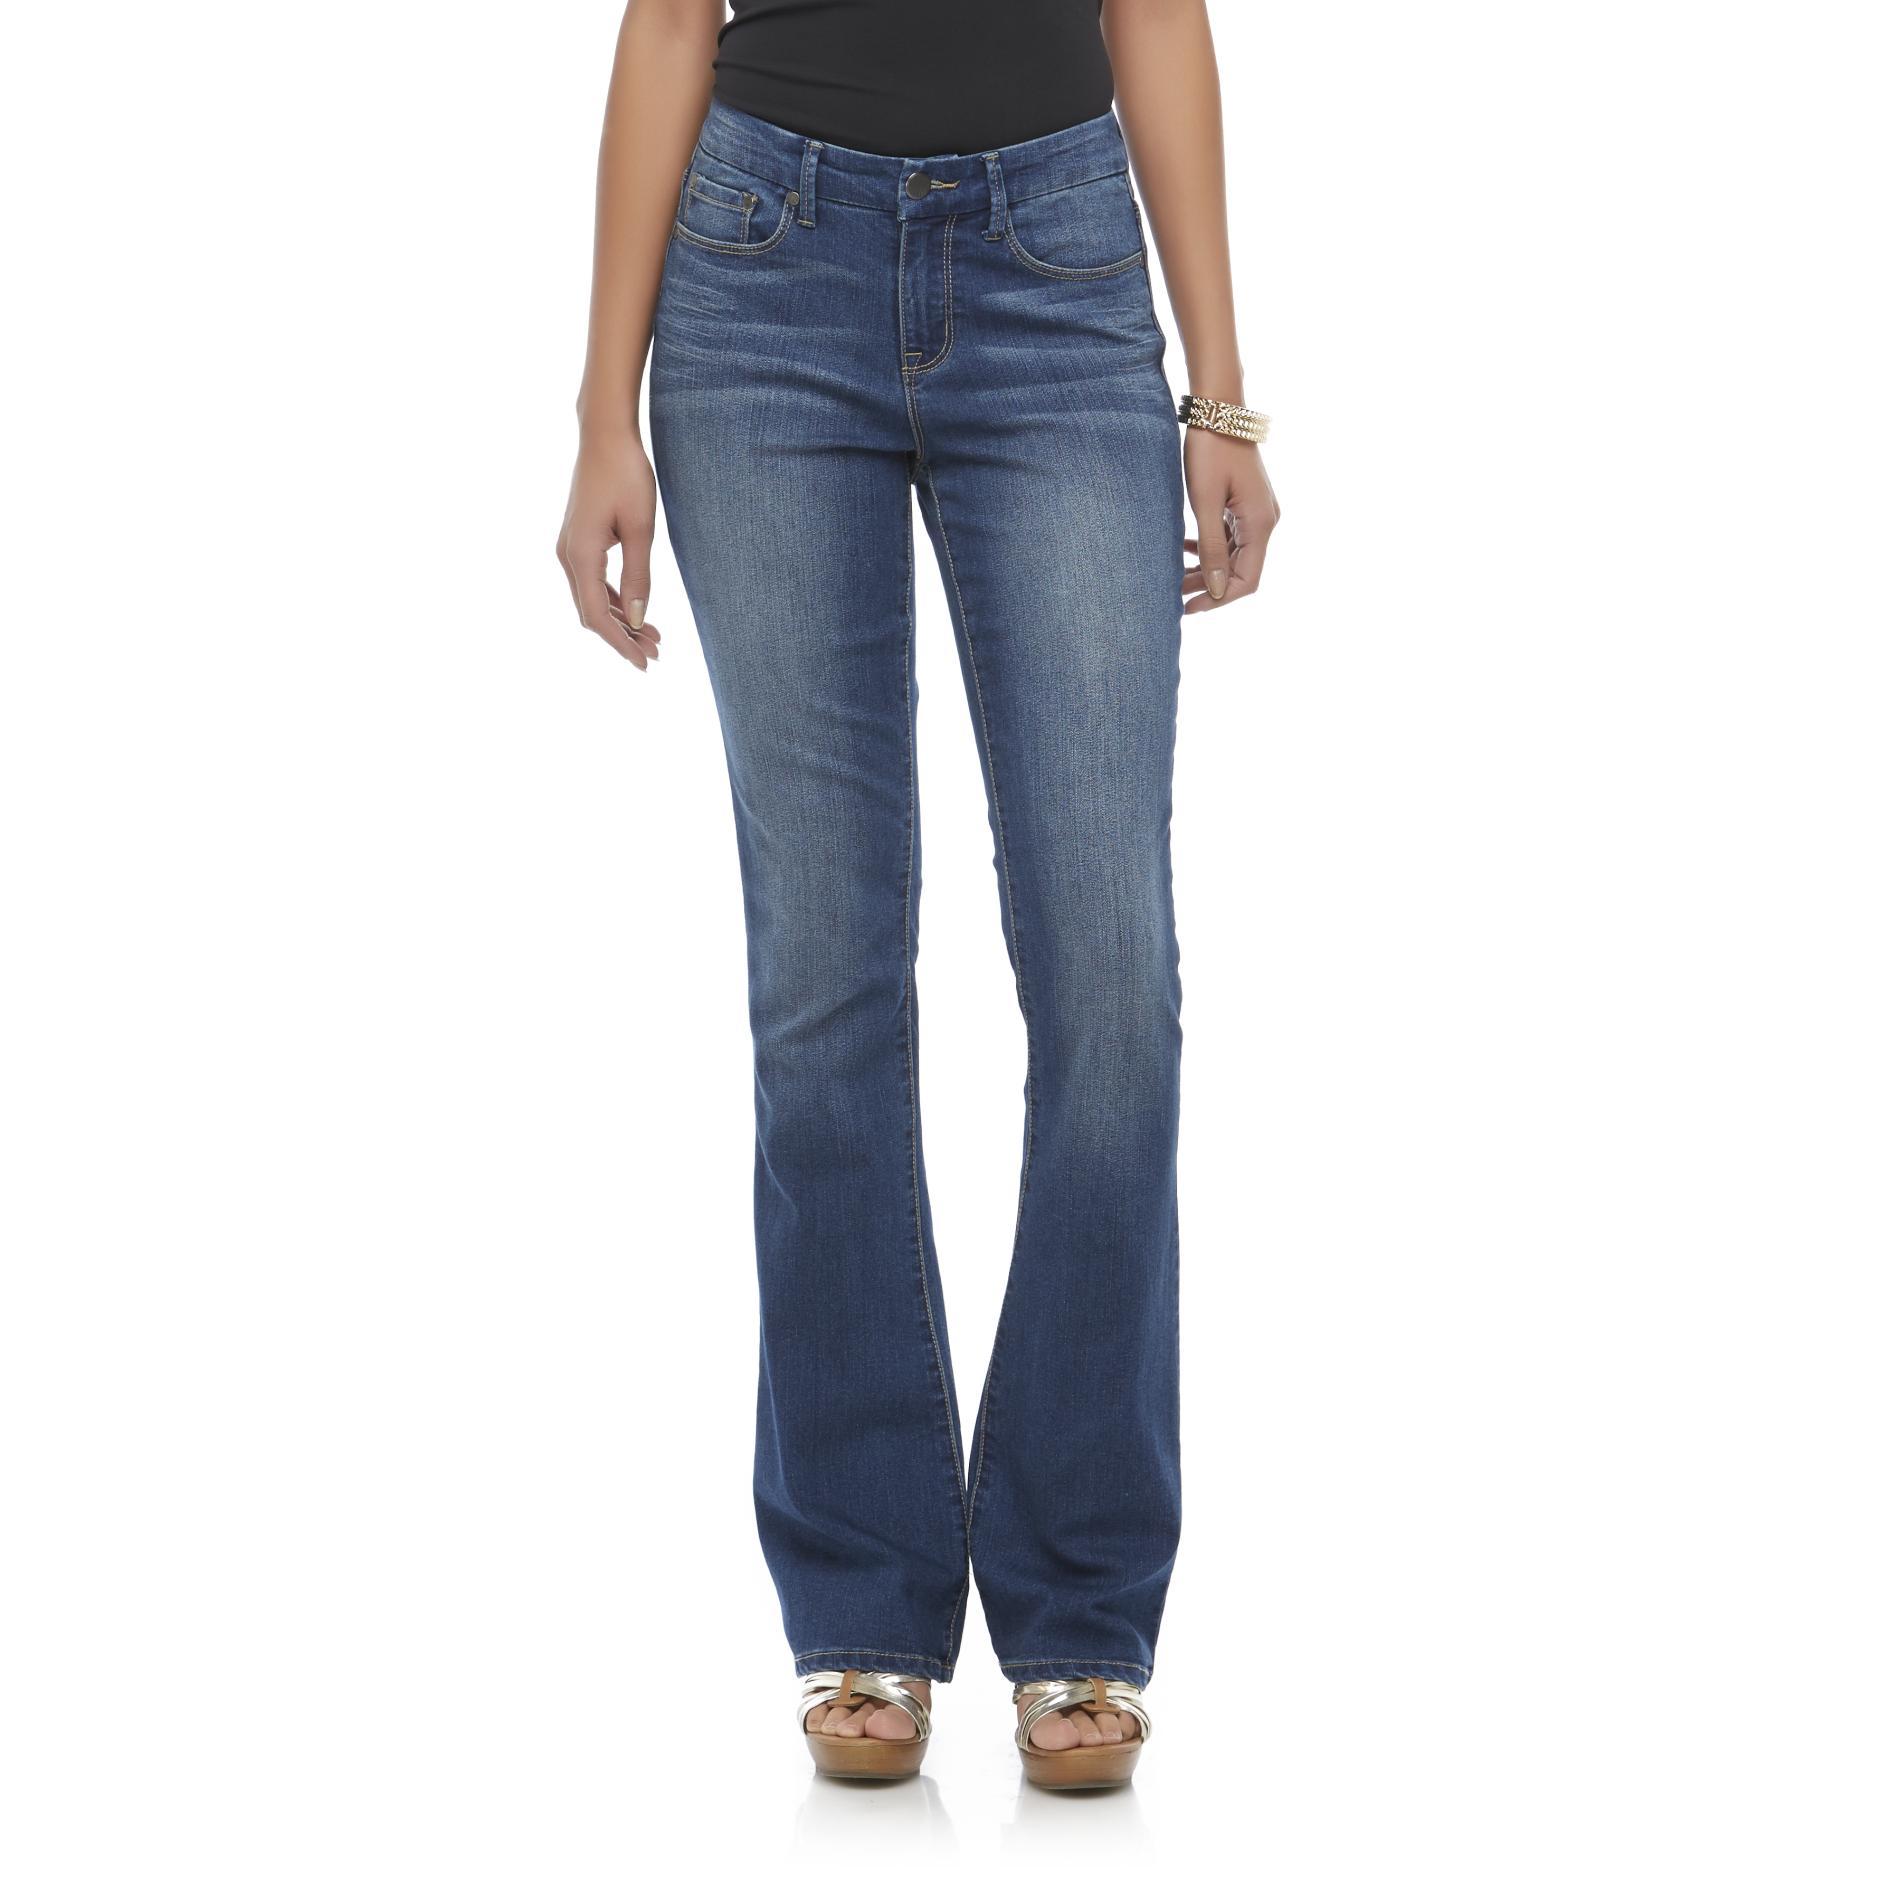 Metaphor Women's Amber Curvy Slim Boot Jeans